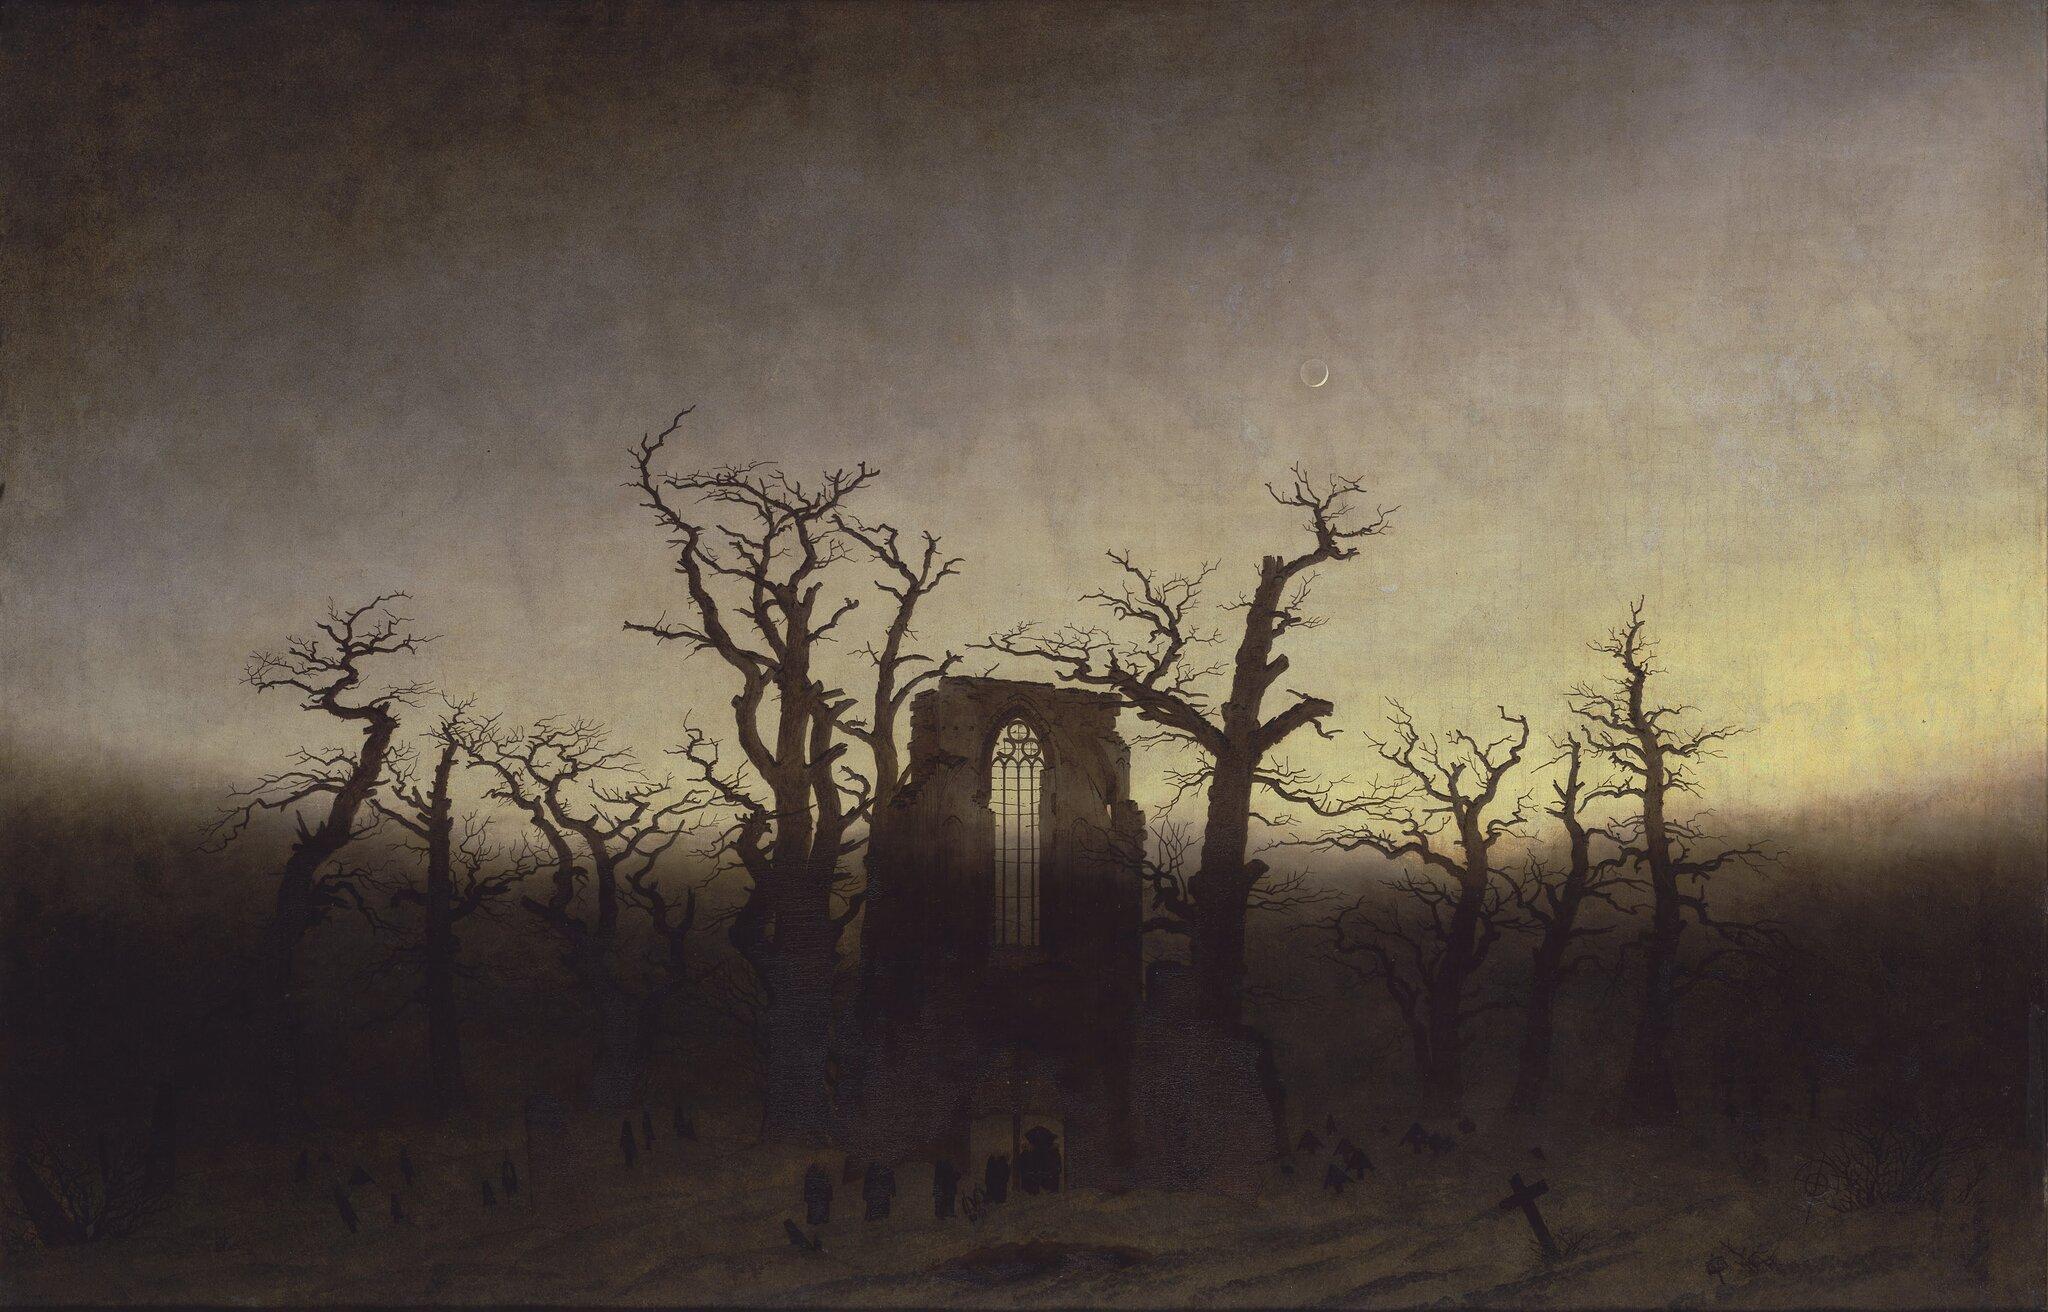 Opactwo wdębowym lesie Źródło: Caspar David Friedrich, Opactwo wdębowym lesie, 1809–1810, olej na płótnie, Alte Nationalgalerie, Berlin, domena publiczna.